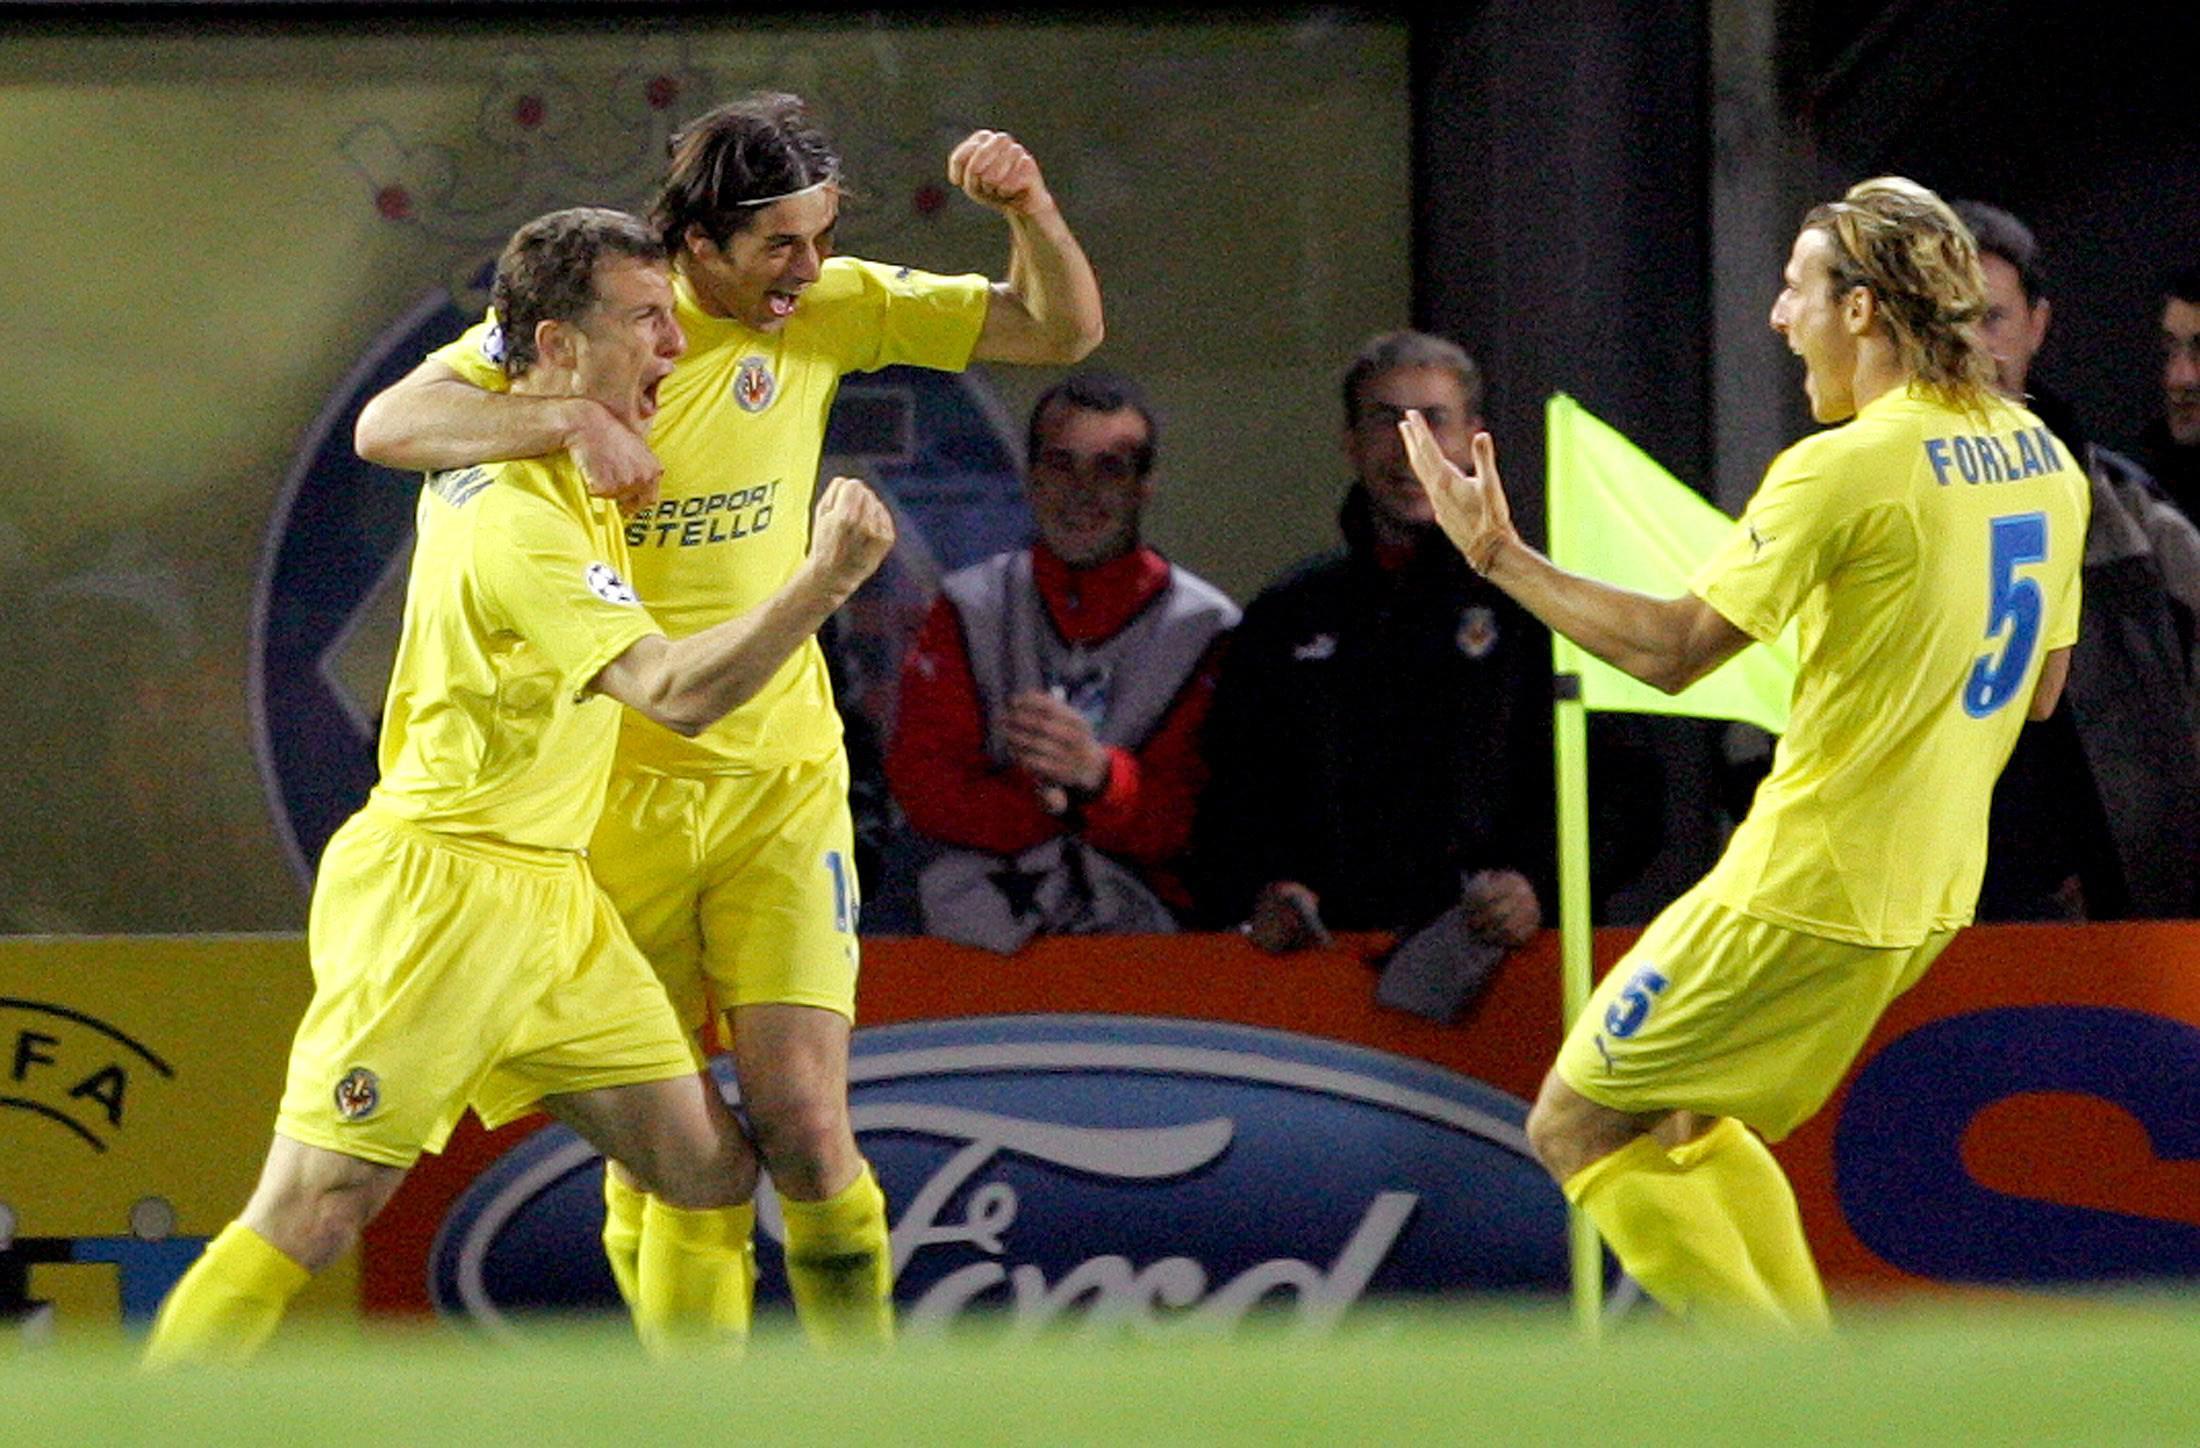 Arruabarrena, Tacchinardi y Forlán celebran un gol del Villarreal en un partido de Champions en El Madrigal en marzo de 2006 (Archivo 20minutos).